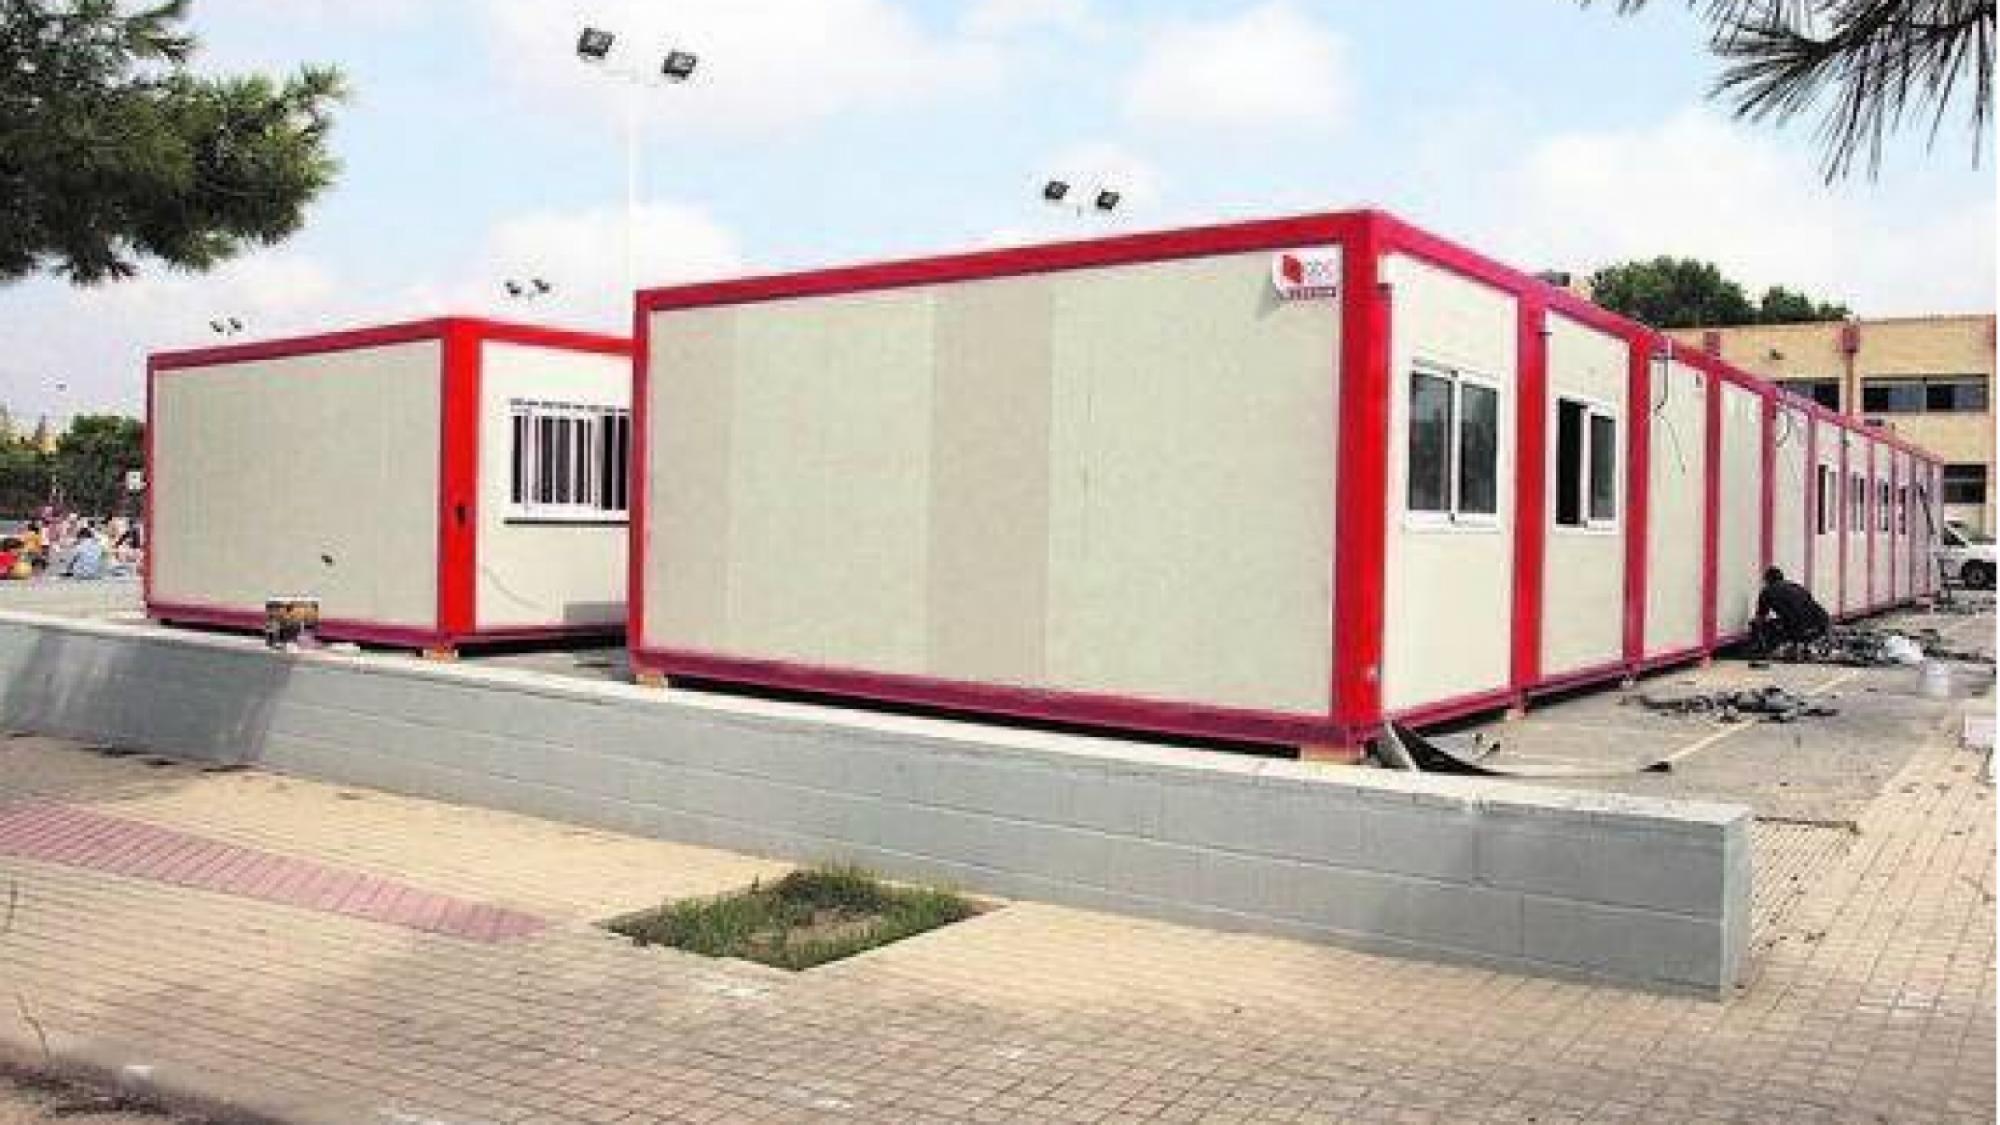 La contundente respuesta del PSOE a Paco Núñez sobre los barracones escolares